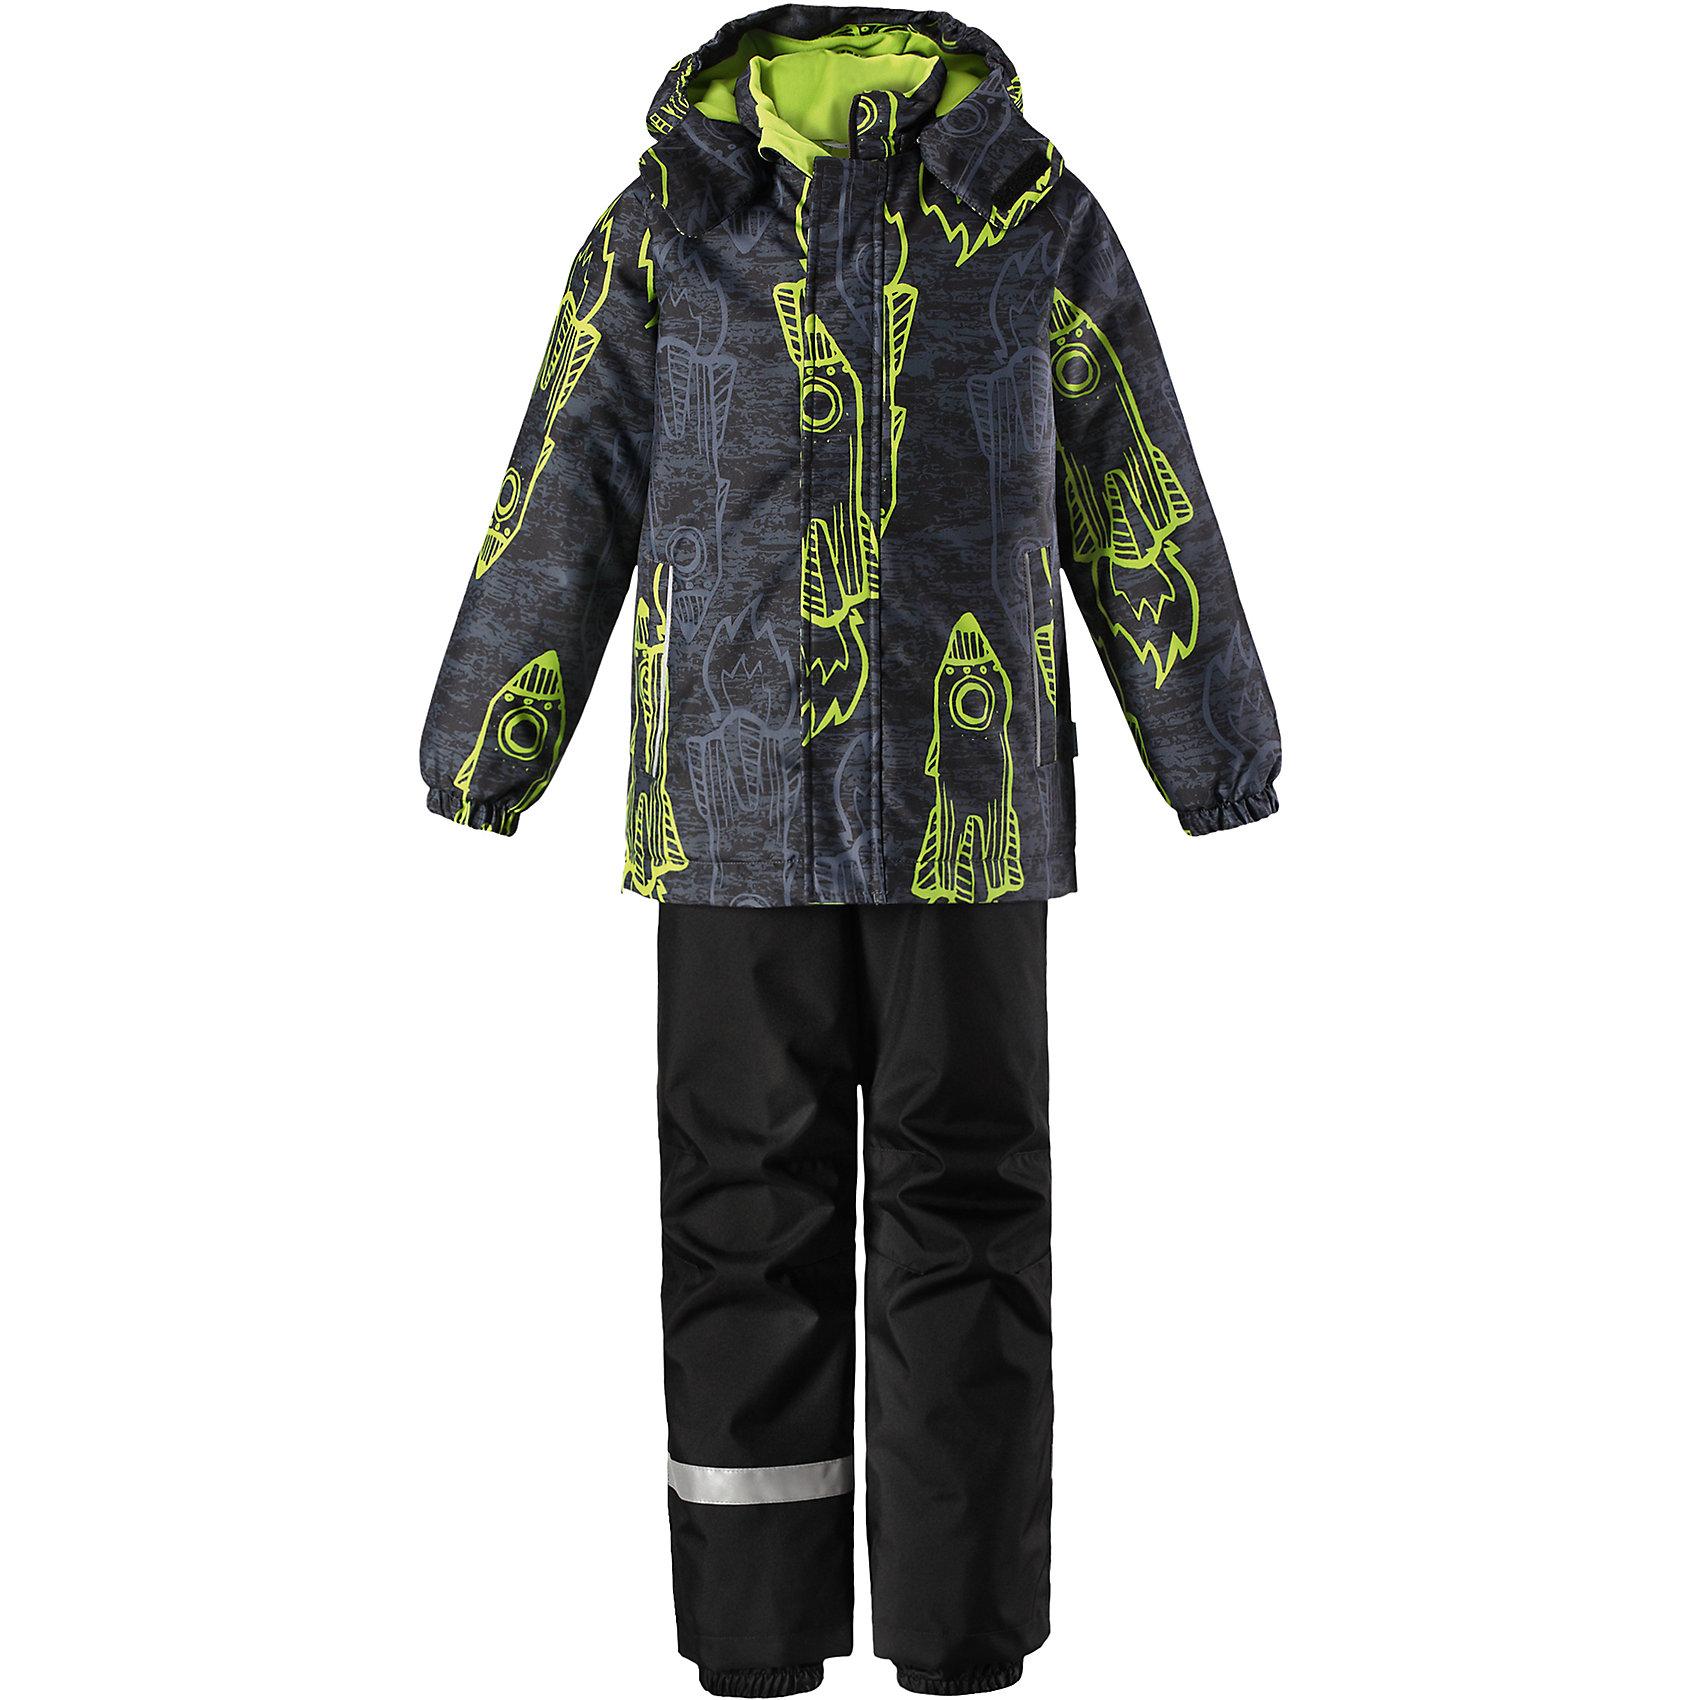 Комплект Lassie для мальчикаОдежда<br>Характеристики товара:<br><br>• цвет: серый/зеленый;<br>• состав: 100% полиэстер, полиуретановое покрытие;<br>• подкладка: 100% полиэстер;<br>• утеплитель: куртка 180 г/м2, брюки 100 г/м2;<br>• сезон: зима;<br>• температурный режим: от 0 до -20С;<br>• водонепроницаемость: 1000 мм;<br>• воздухопроницаемость: 1000 мм;<br>• износостойкость: 50000 циклов (тест Мартиндейла);<br>• застежка: куртка на молнии, брюки молнии и пуговице;<br>• водоотталкивающий, ветронепроницаемый и дышащий материал;<br>• гладкая подкладка из полиэстера; <br>• безопасный съемный капюшон;<br>• эластичные манжеты; <br>• снегозащитные манжеты на штанинах;<br>• эластичная талия;<br>• регулируемый подол;<br>• регулируемые и отстегивающиеся эластичные подтяжки;<br>• два кармана на молнии;<br>• светоотражающие детали;<br>• страна бренда: Финляндия;<br>• страна изготовитель: Китай;<br><br>Этот очень теплый детский зимний комплект имеет множество продуманных  функциональных деталей. Куртка снабжена безопасным съемным капюшоном, который защищает щечки от морозного ветра. Регулируемый подол позволяет откорректировать куртку по фигуре и обеспечивает дополнительную защиту. Защита от снега на концах брючин помогает ножкам оставаться сухими и теплыми. <br><br>Брюки изготовлены из сверхпрочного материала и идеально подходят для активных зимних игр на свежем воздухе или катания на лыжах. Удобная молния спереди облегчает надевание, а съемные регулируемые подтяжки позволяют откорректировать брюки идеально по размеру. Безопасный съемный капюшон и яркая расцветка завершают образ.<br><br>Комплект Lassie (Ласси) для мальчика можно купить в нашем интернет-магазине.<br><br>Ширина мм: 356<br>Глубина мм: 10<br>Высота мм: 245<br>Вес г: 519<br>Цвет: зеленый<br>Возраст от месяцев: 108<br>Возраст до месяцев: 120<br>Пол: Мужской<br>Возраст: Детский<br>Размер: 140,92,98,104,110,116,122,128,134<br>SKU: 6927901